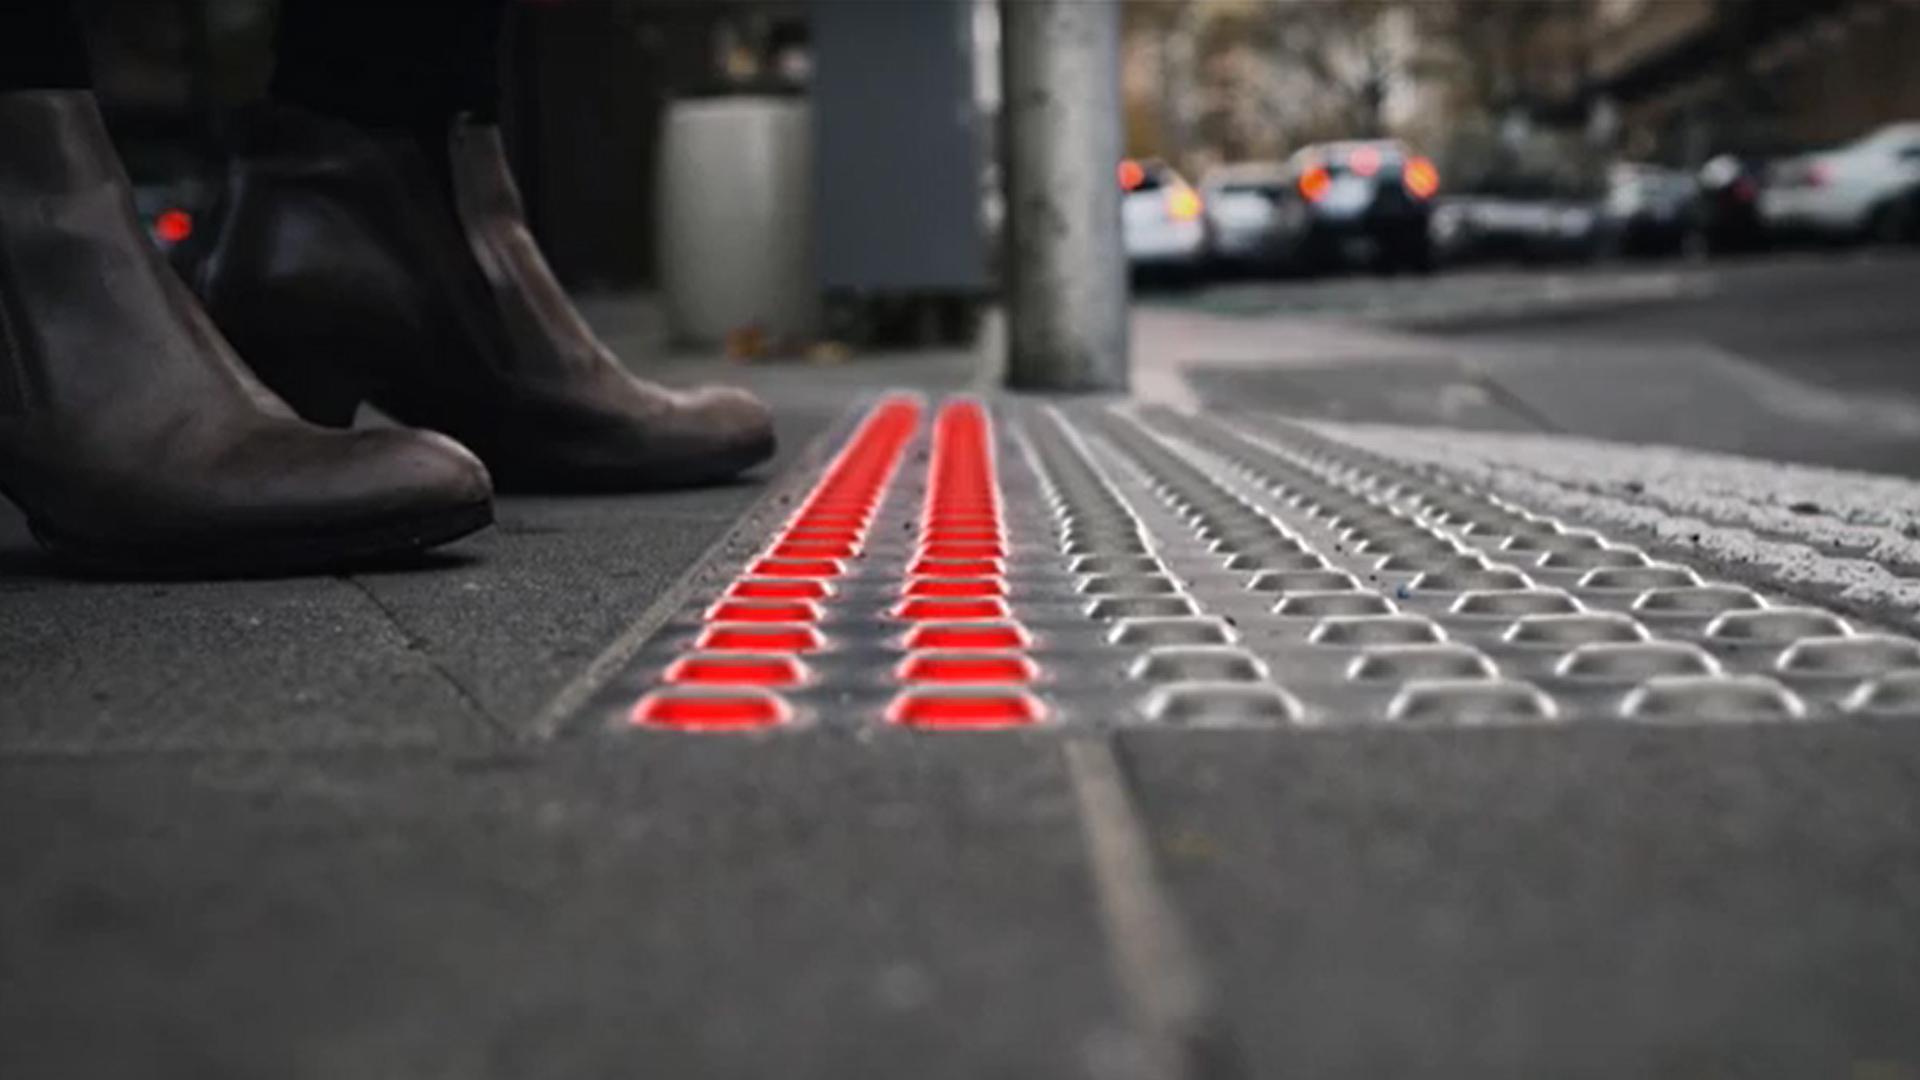 Iluminación inteligente en el suelo para evitar accidentes de peatones